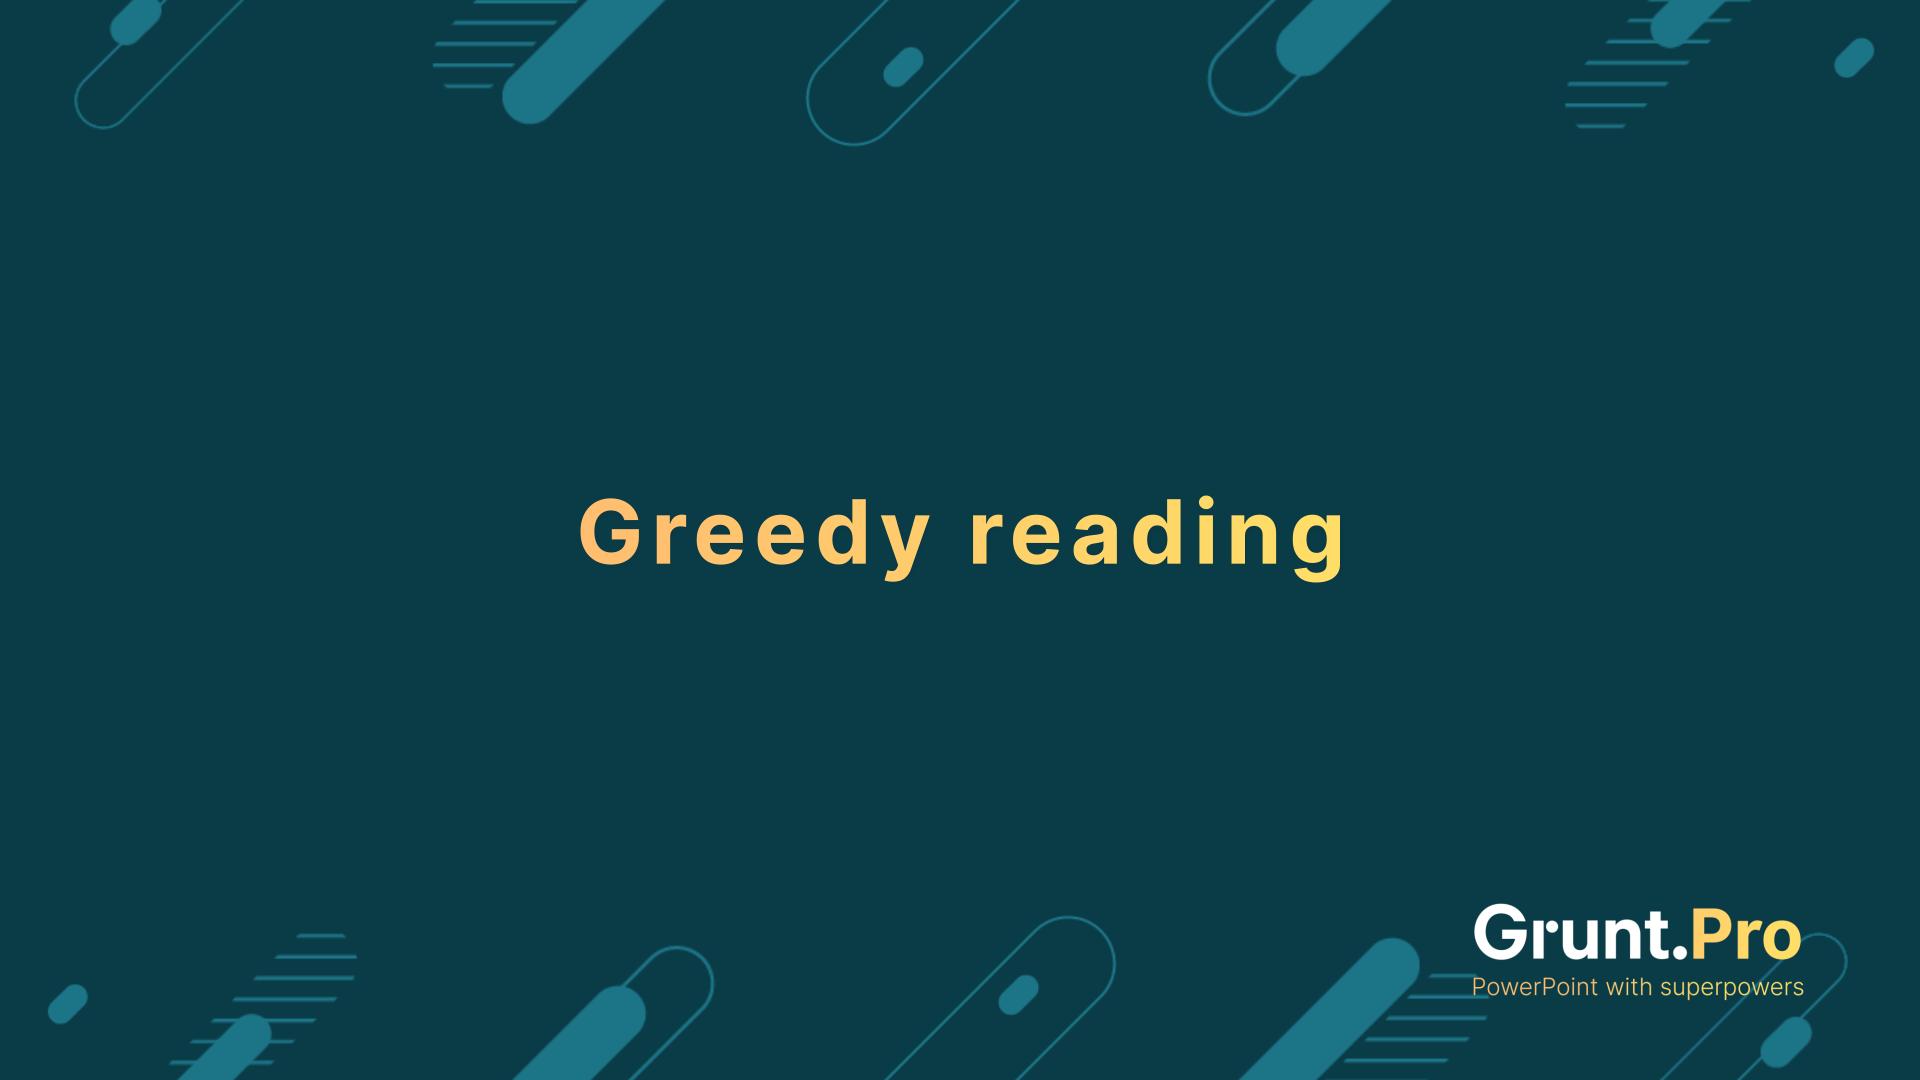 Greedy reading